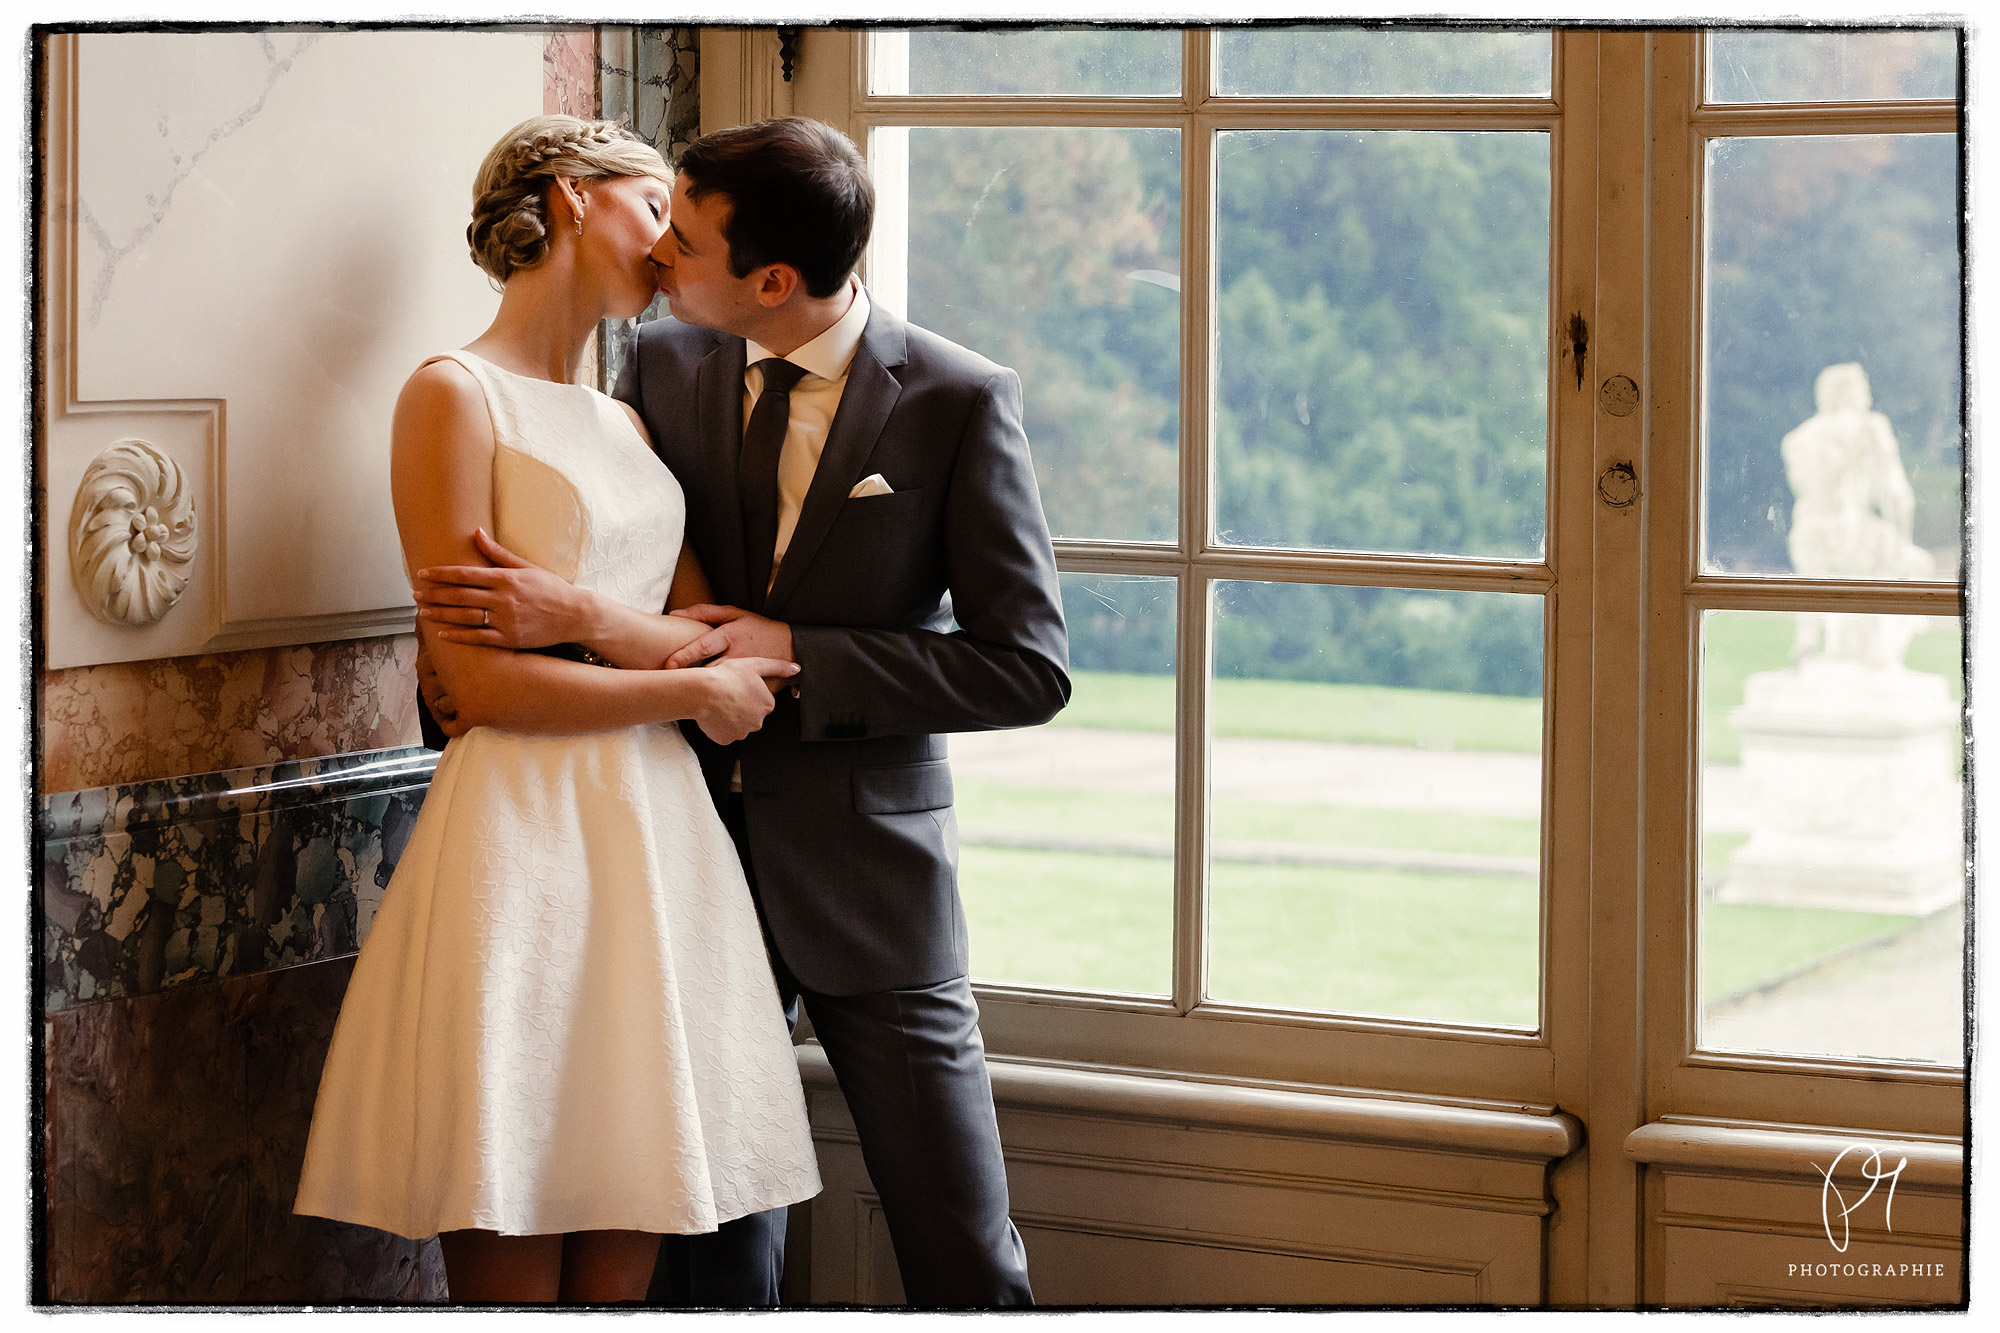 Viel Zeit für die offiziellen Hochzeitsfotos hatten wir nicht. Das Brautpaar war gücklich und wunderschön - da konnte nichts schiefgehen!